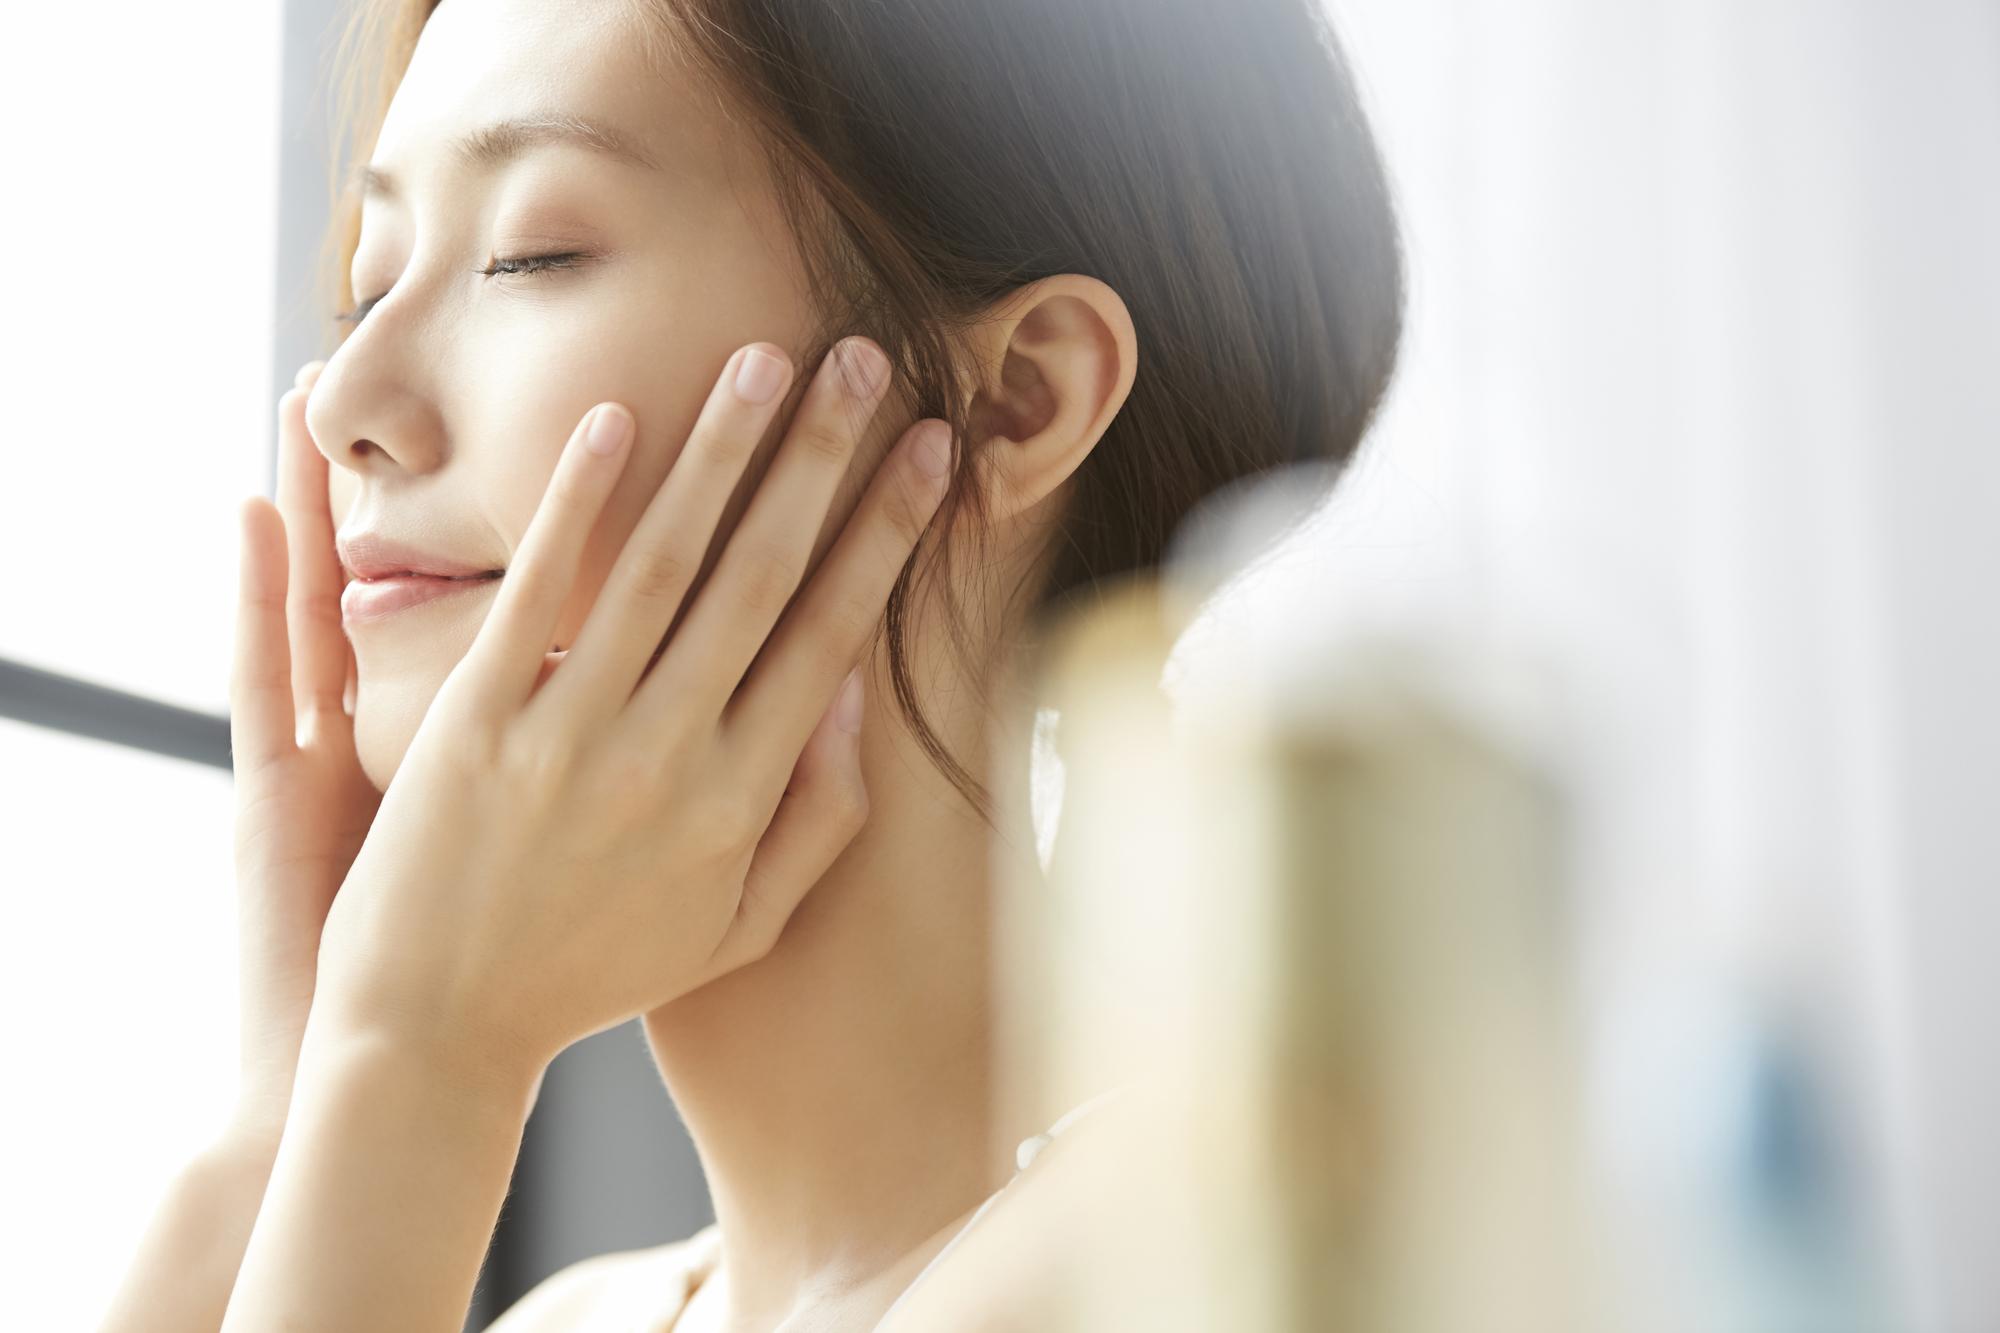 乾燥肌におすすめ保湿効果のあるファンデーション6選!タイプ別の選び方も紹介